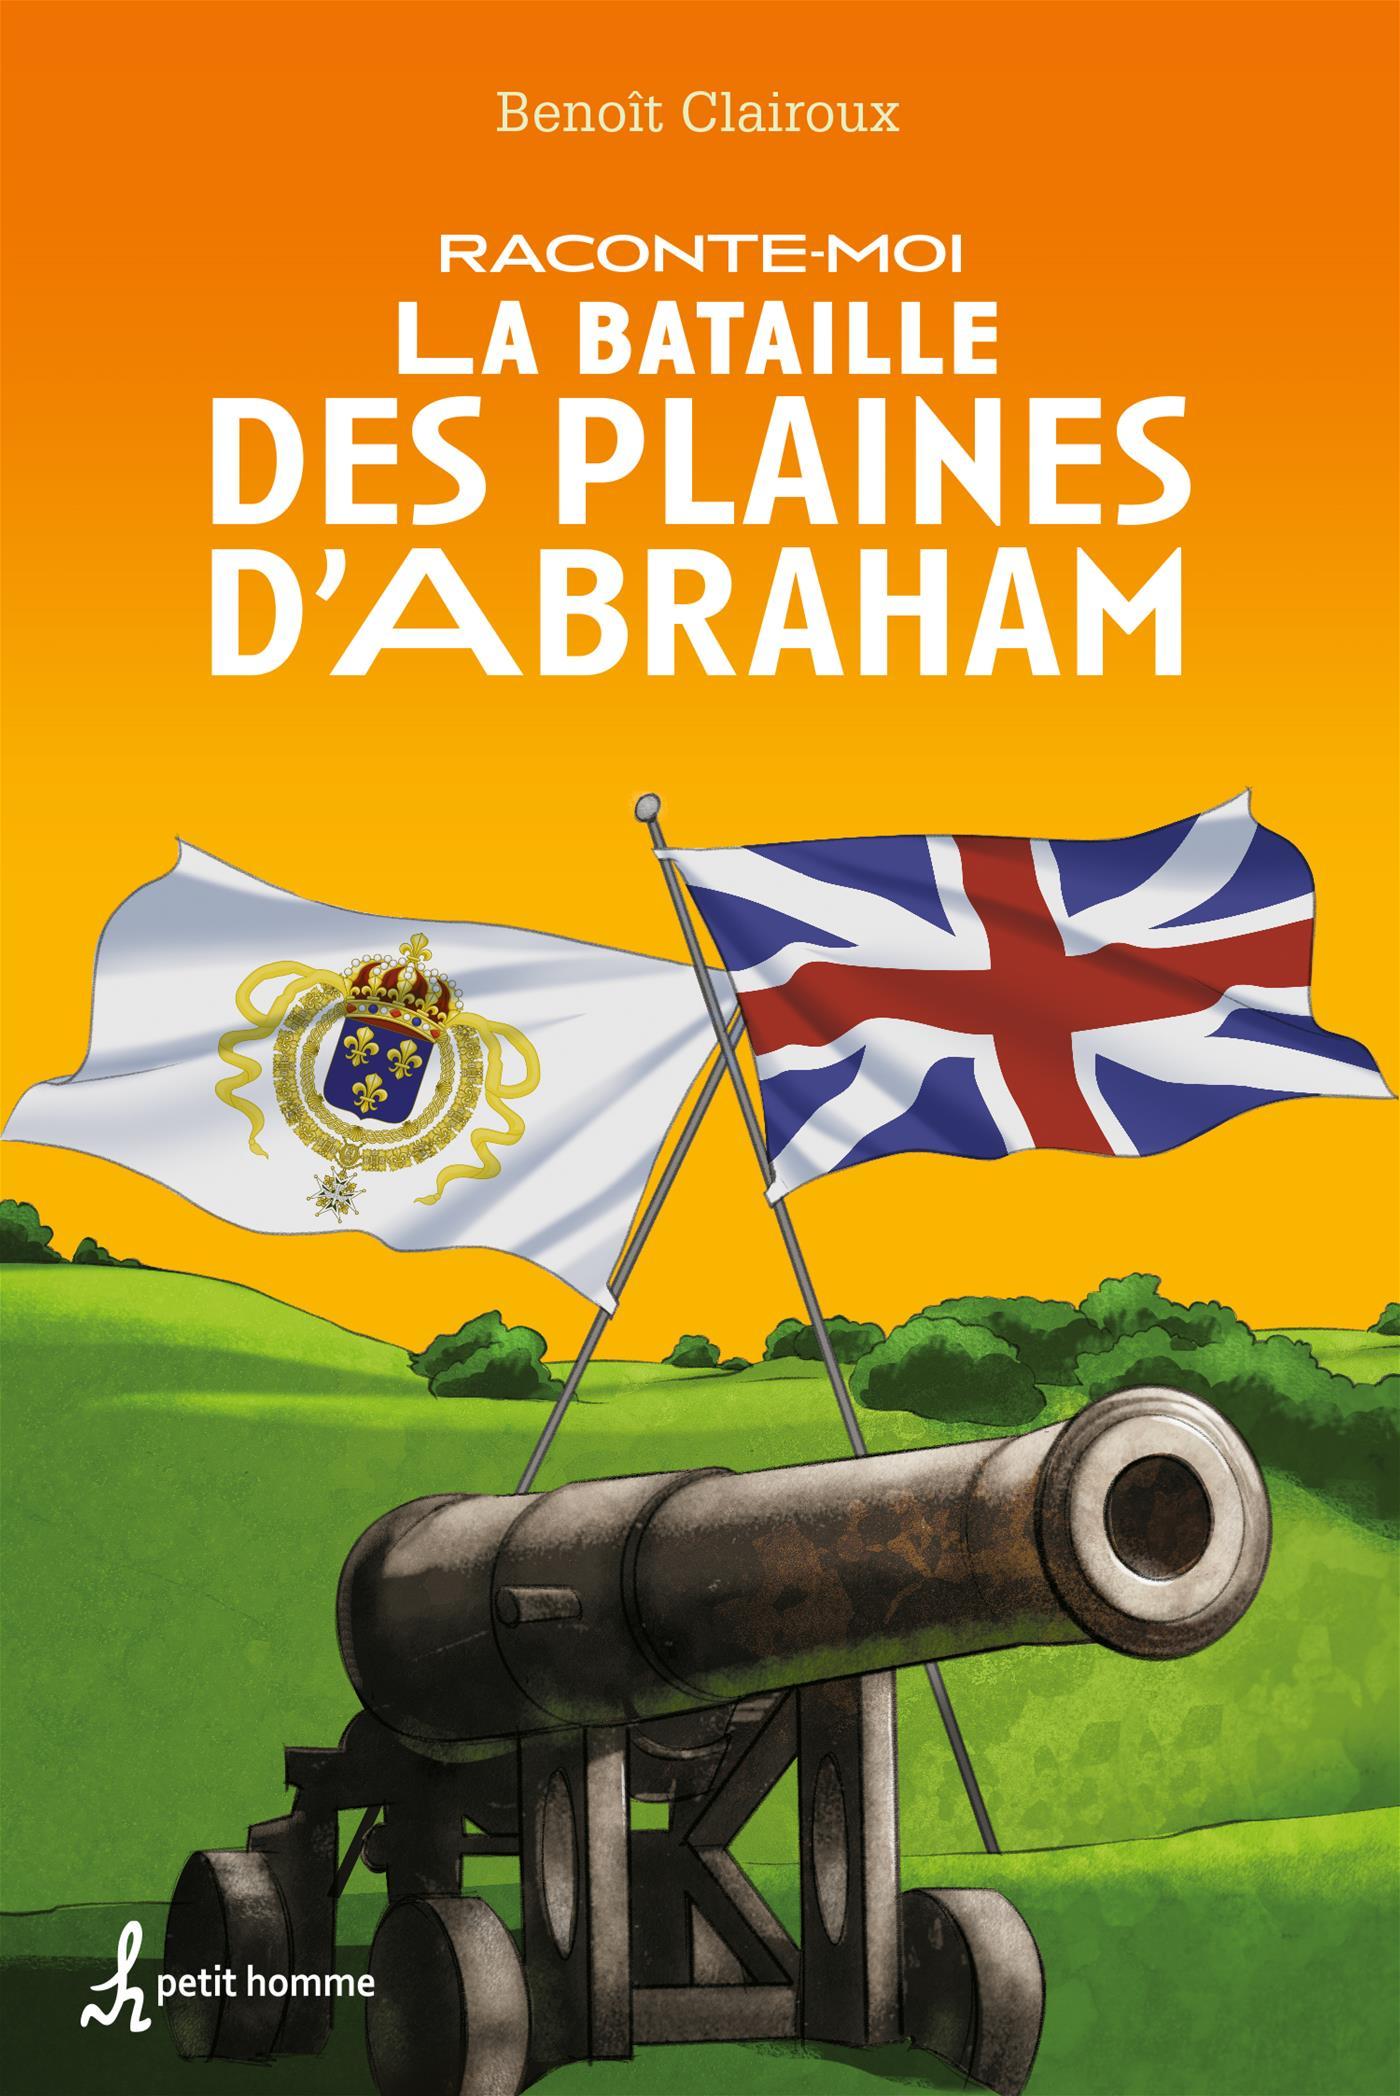 Raconte-moi la Bataille des Plaines d'Abraham